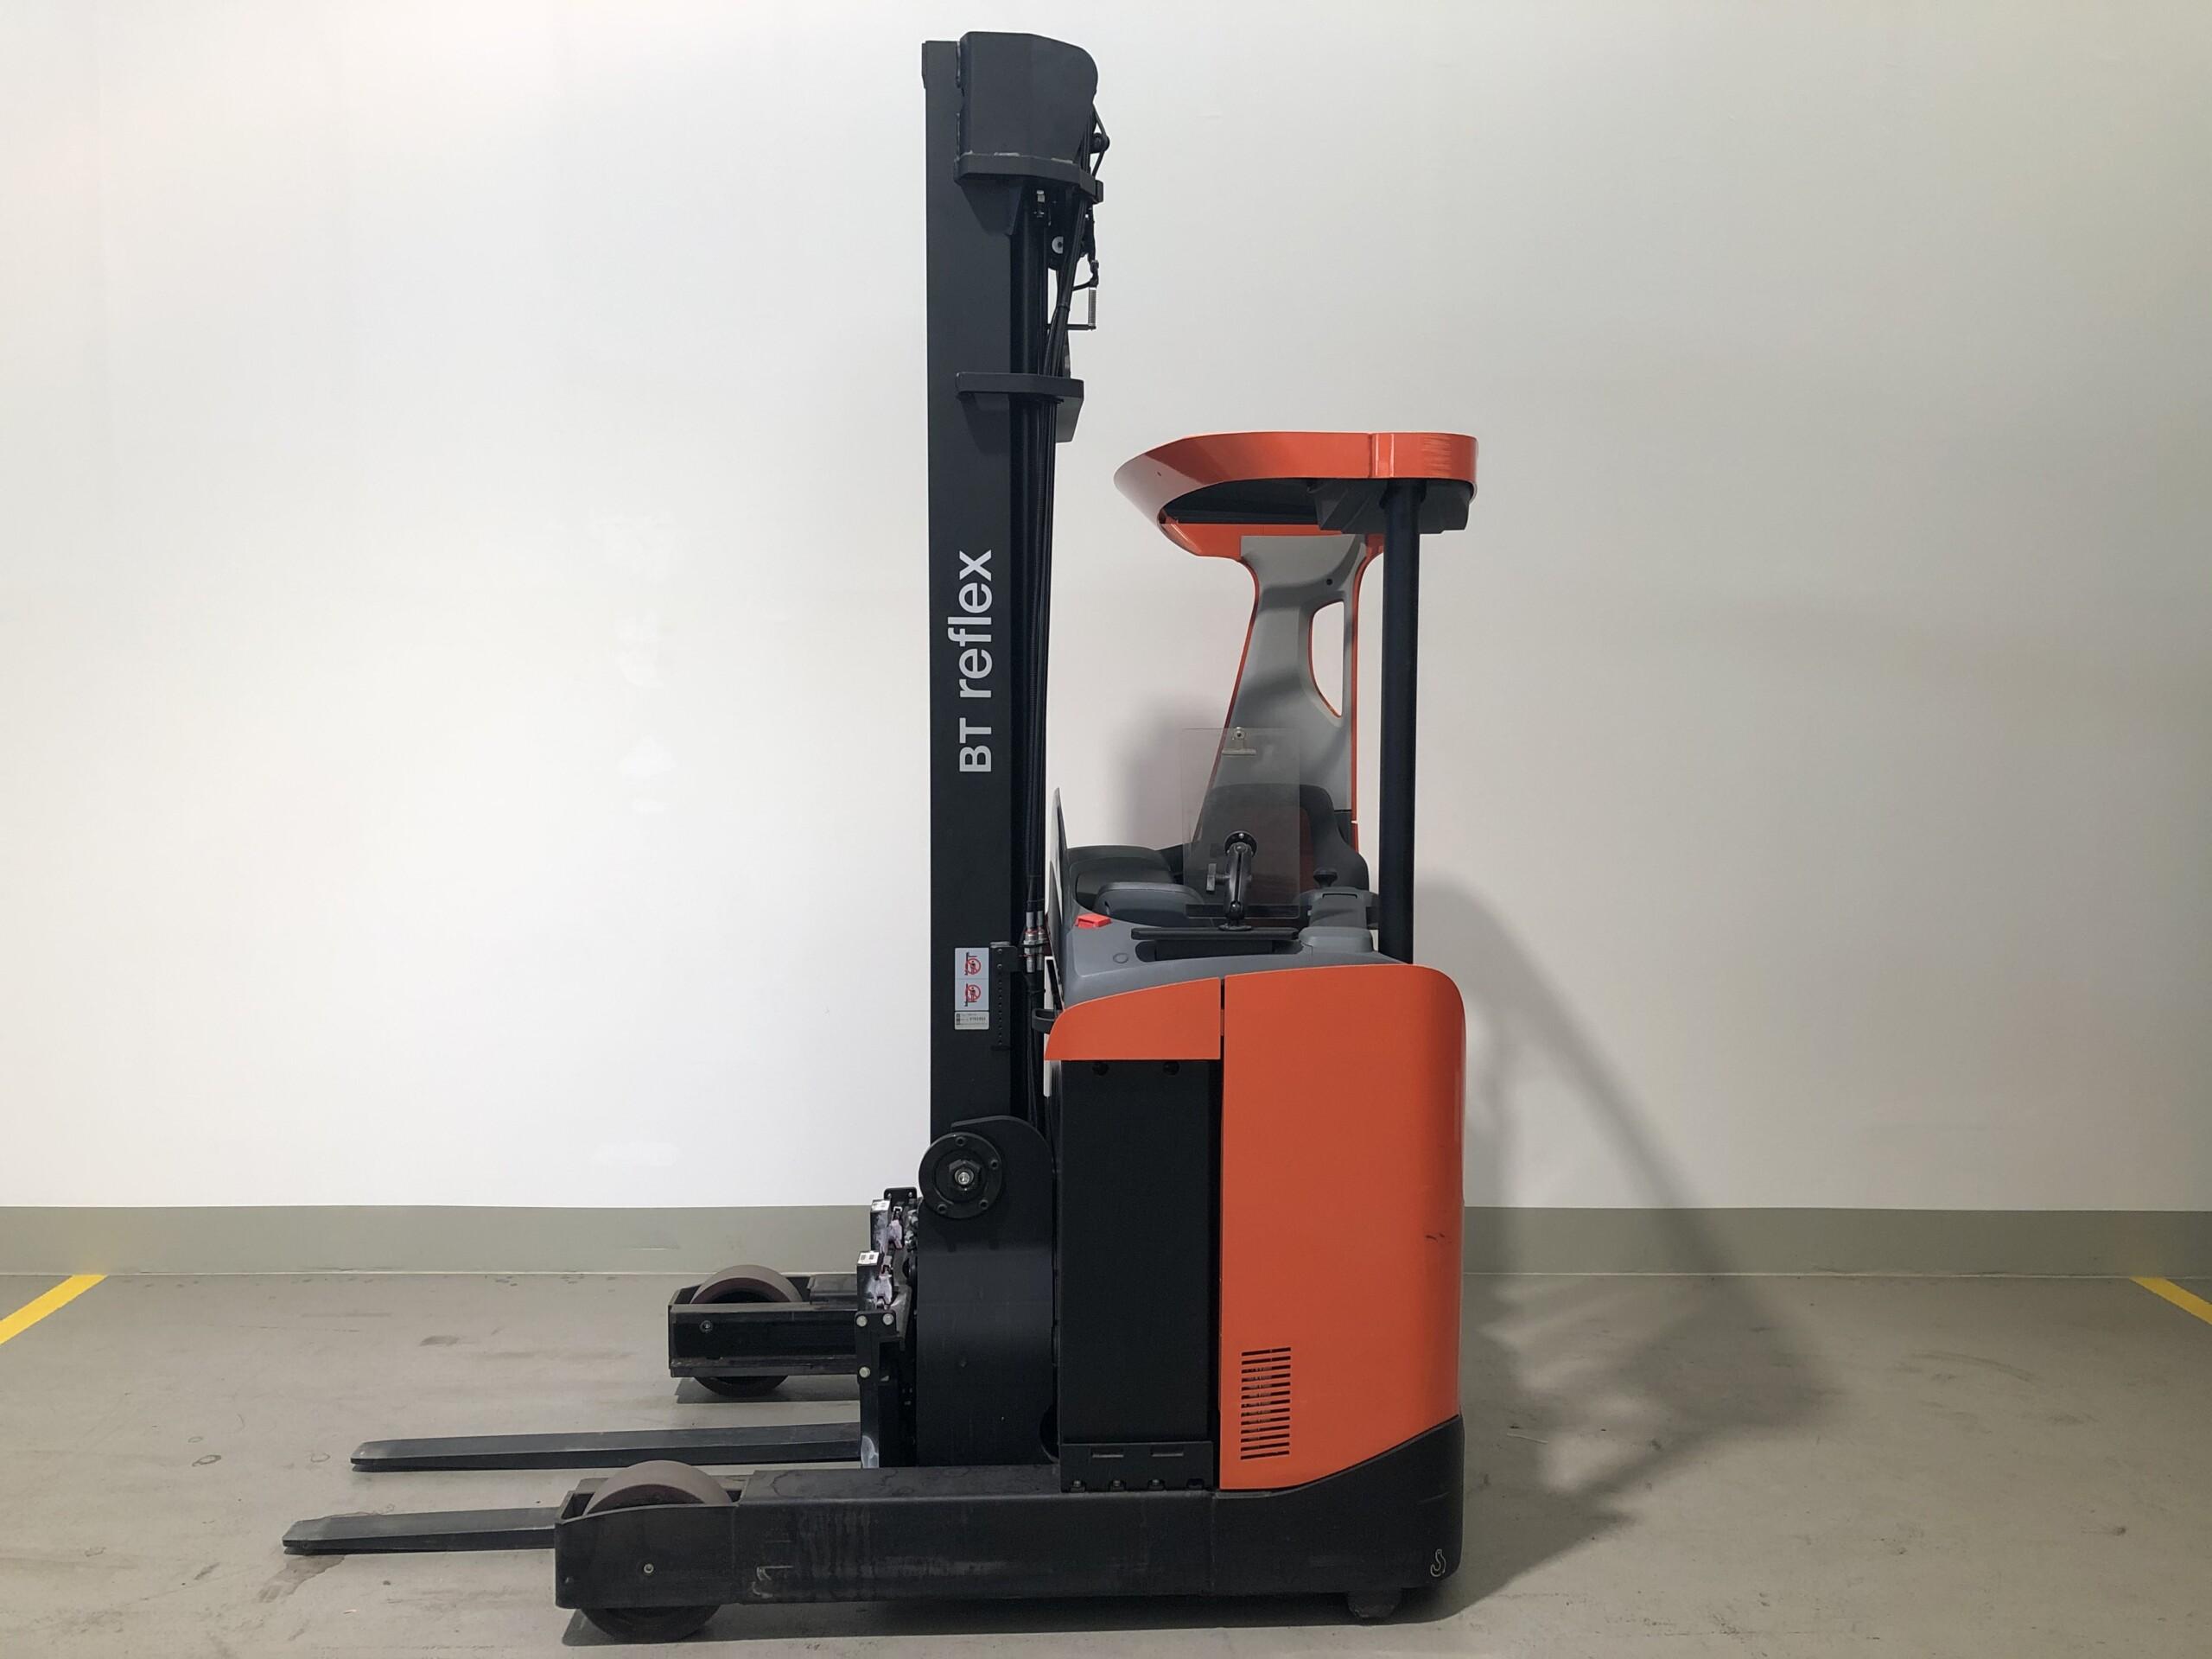 Toyota-Gabelstapler-59840 1605022924 1 37 scaled